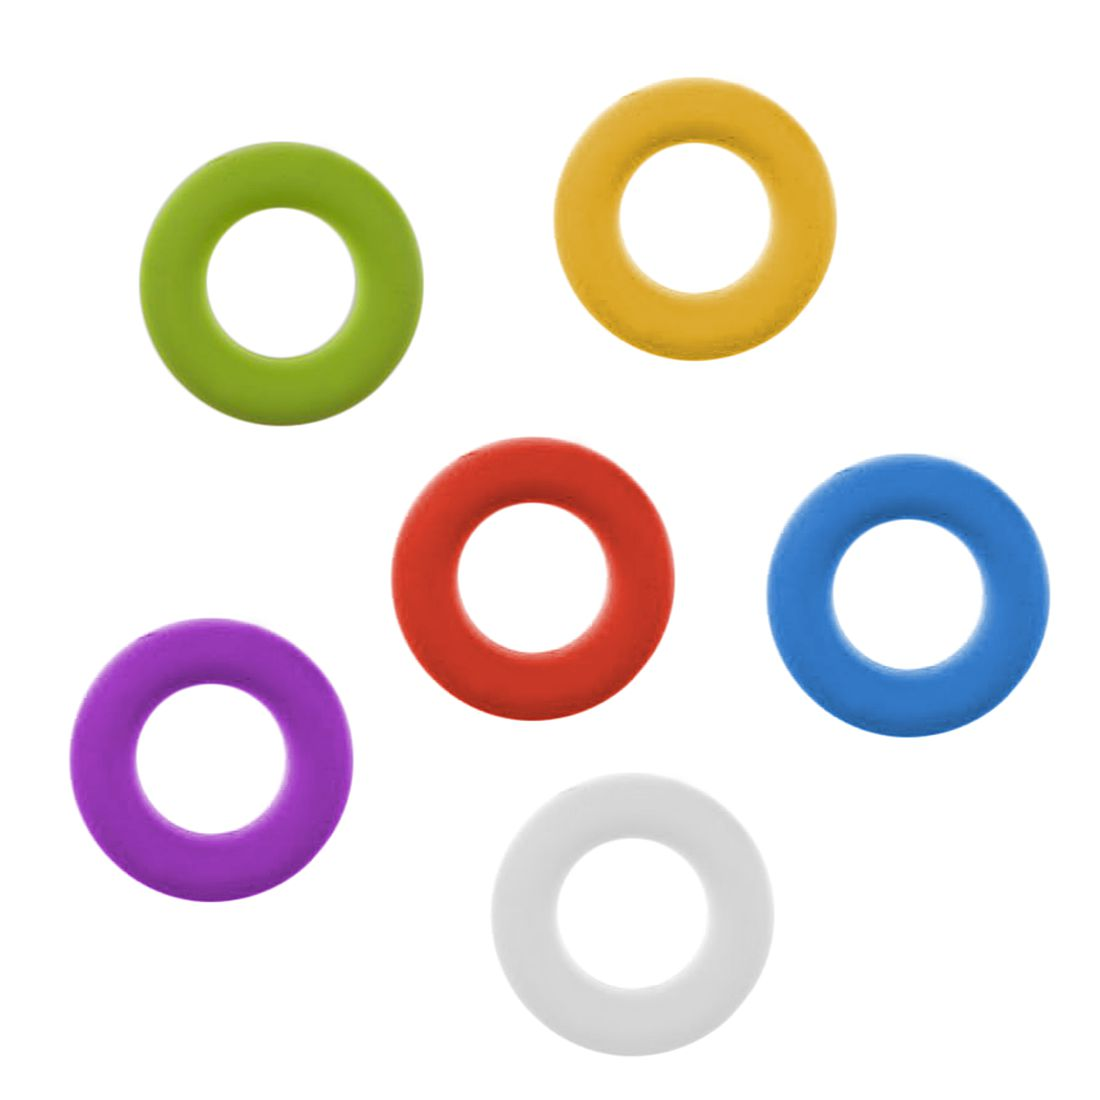 Topfuntersetzer/ Eierbecher (6er-Set) – mehrfarbig, Contento kaufen